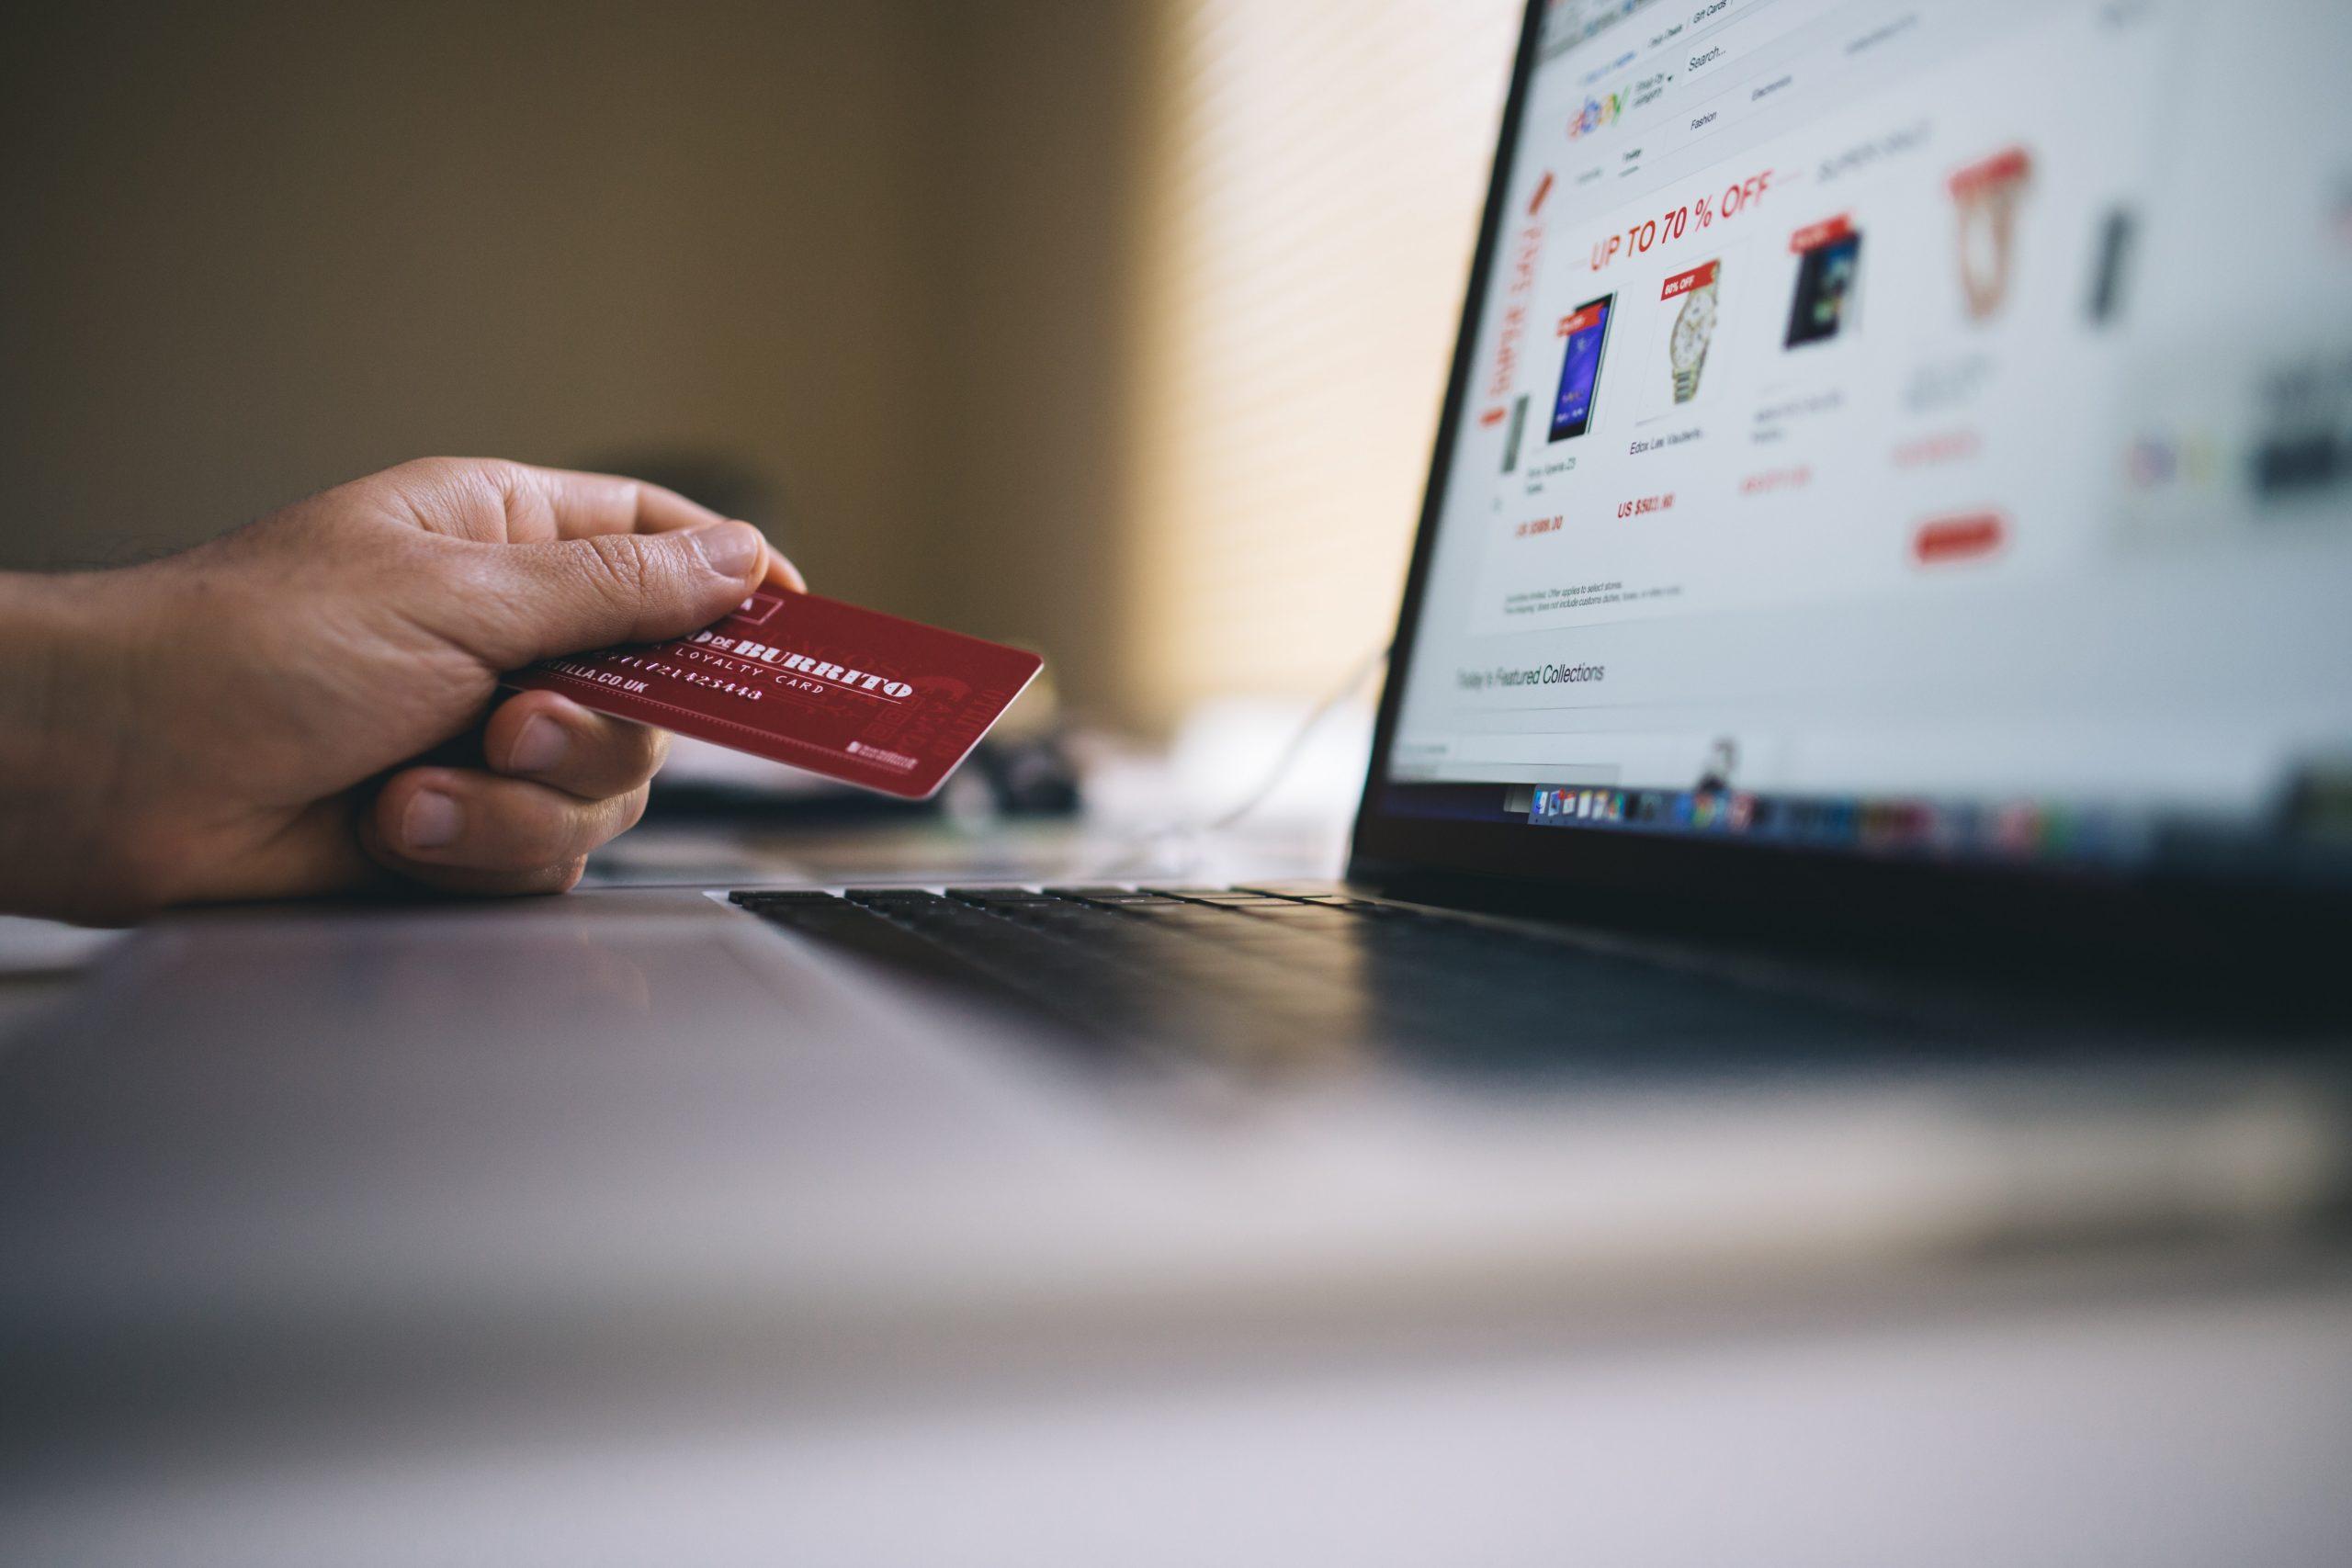 Imagen de una mano sostenierndo una tarjeta frente a una laptop